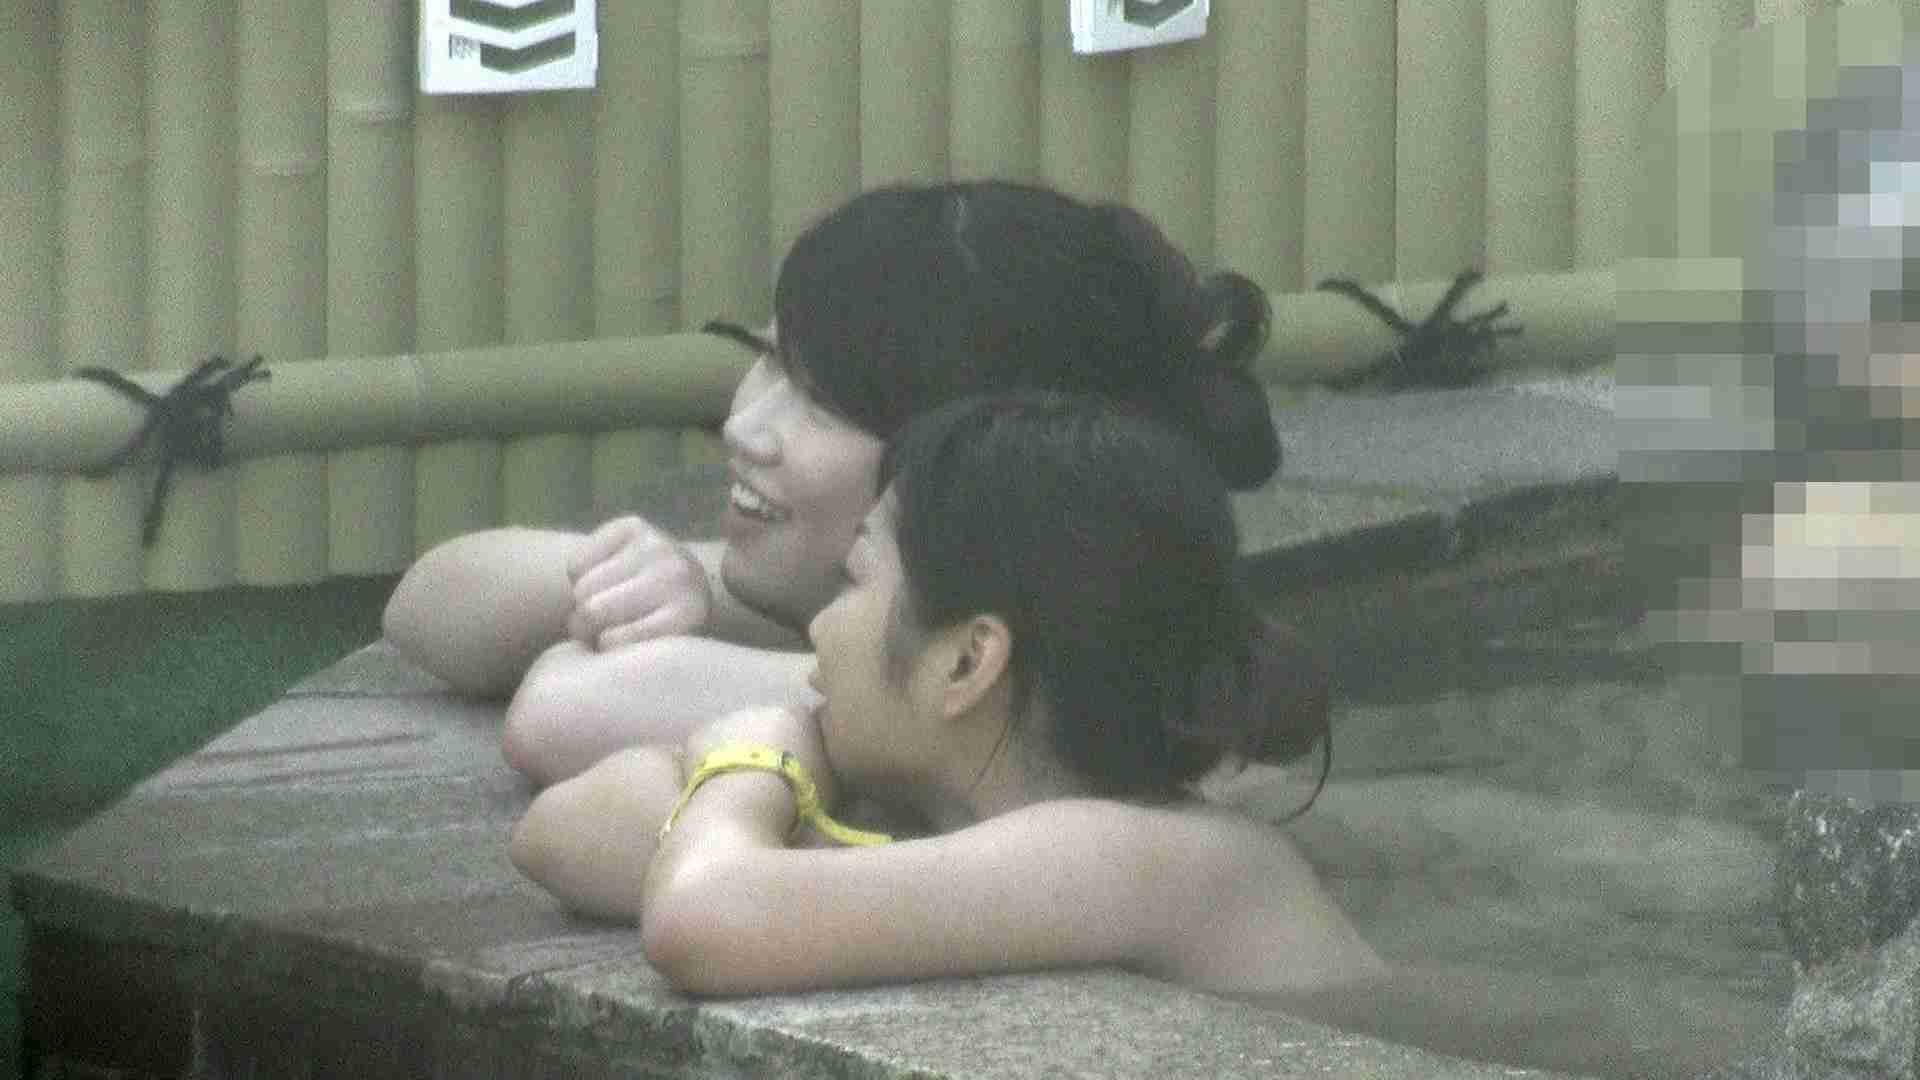 Aquaな露天風呂Vol.206 女体盗撮  80連発 42